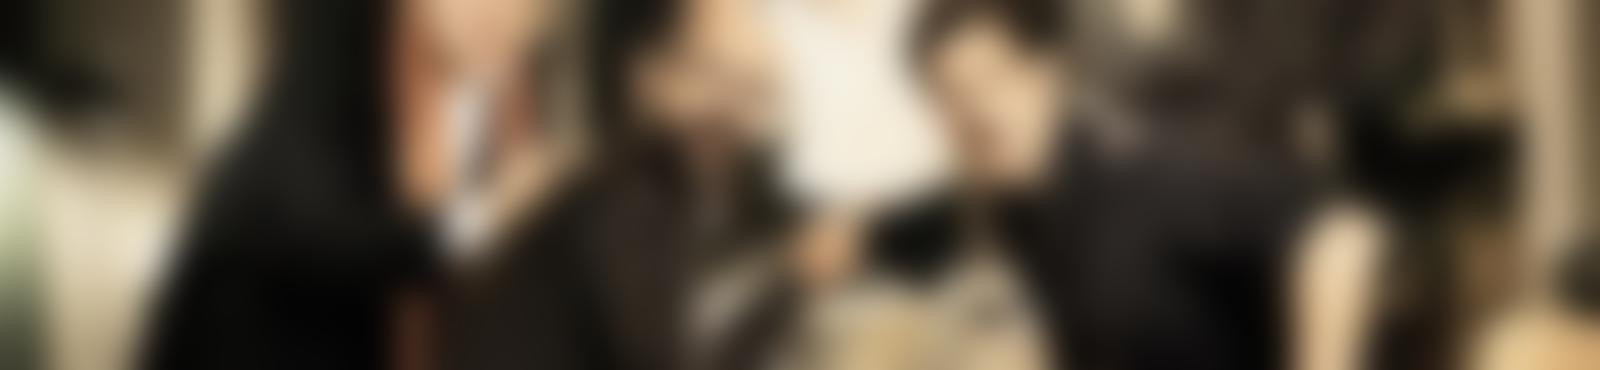 Blurred b2518303 b624 4089 a0bf b0035b4dea80